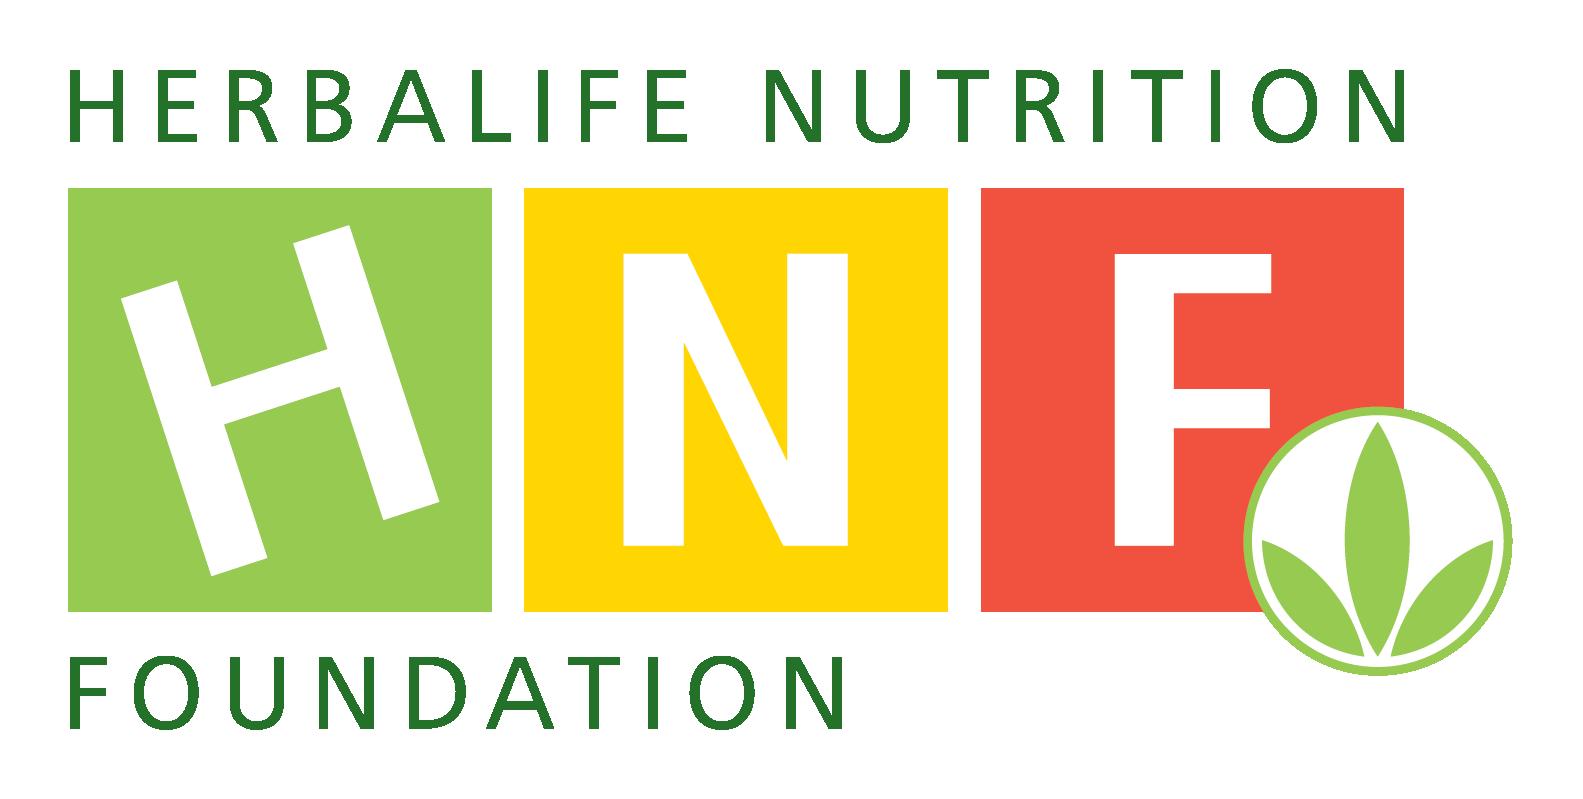 alt - https://static.comunicae.com/photos/notas/1215167/1590748428_Herbalife_Nutrition_Foundation.png